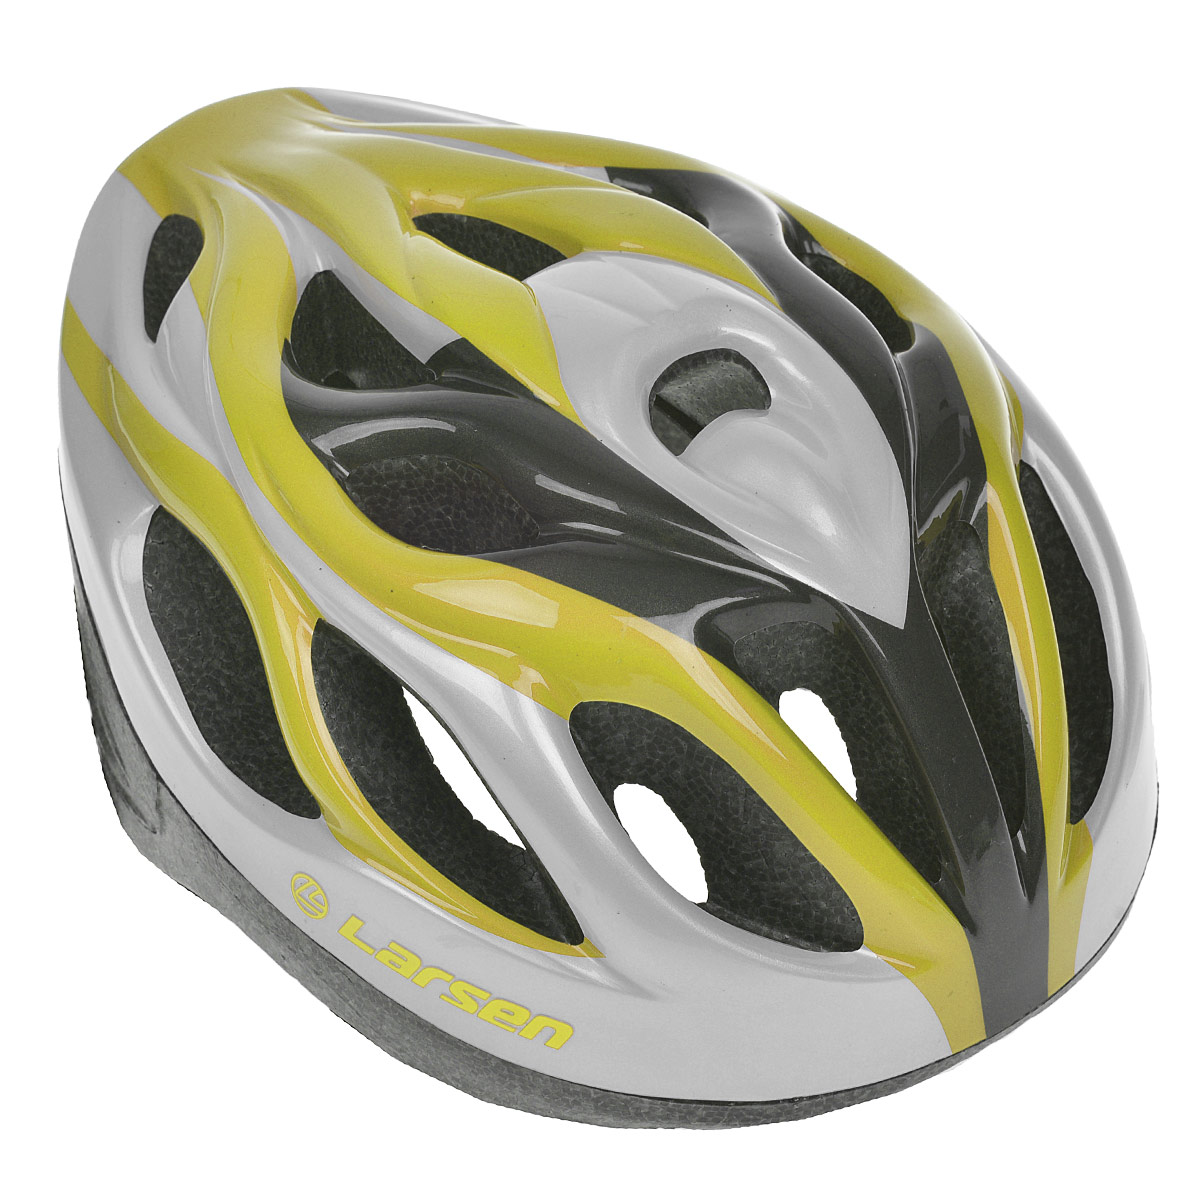 """Надежный роликовый шлем Larsen """"H3BW"""" сделает ваш активный отдых безопасным. Шлем выполнен из прочного пластика и отлично защищает от травм. Внутренняя сторона шлема оснащена мягкими текстильными накладками, которые обеспечивают надежное прилегание шлема и комфорт при использовании. Шлем имеет систему систему вентиляции. Он отлично сядет по голове, благодаря регулируемым ремешкам и практичному механическому регулятору. Роликовый шлем станет незаменимым дополнением для полноценного летнего отдыха и занятия активными видами спорта."""